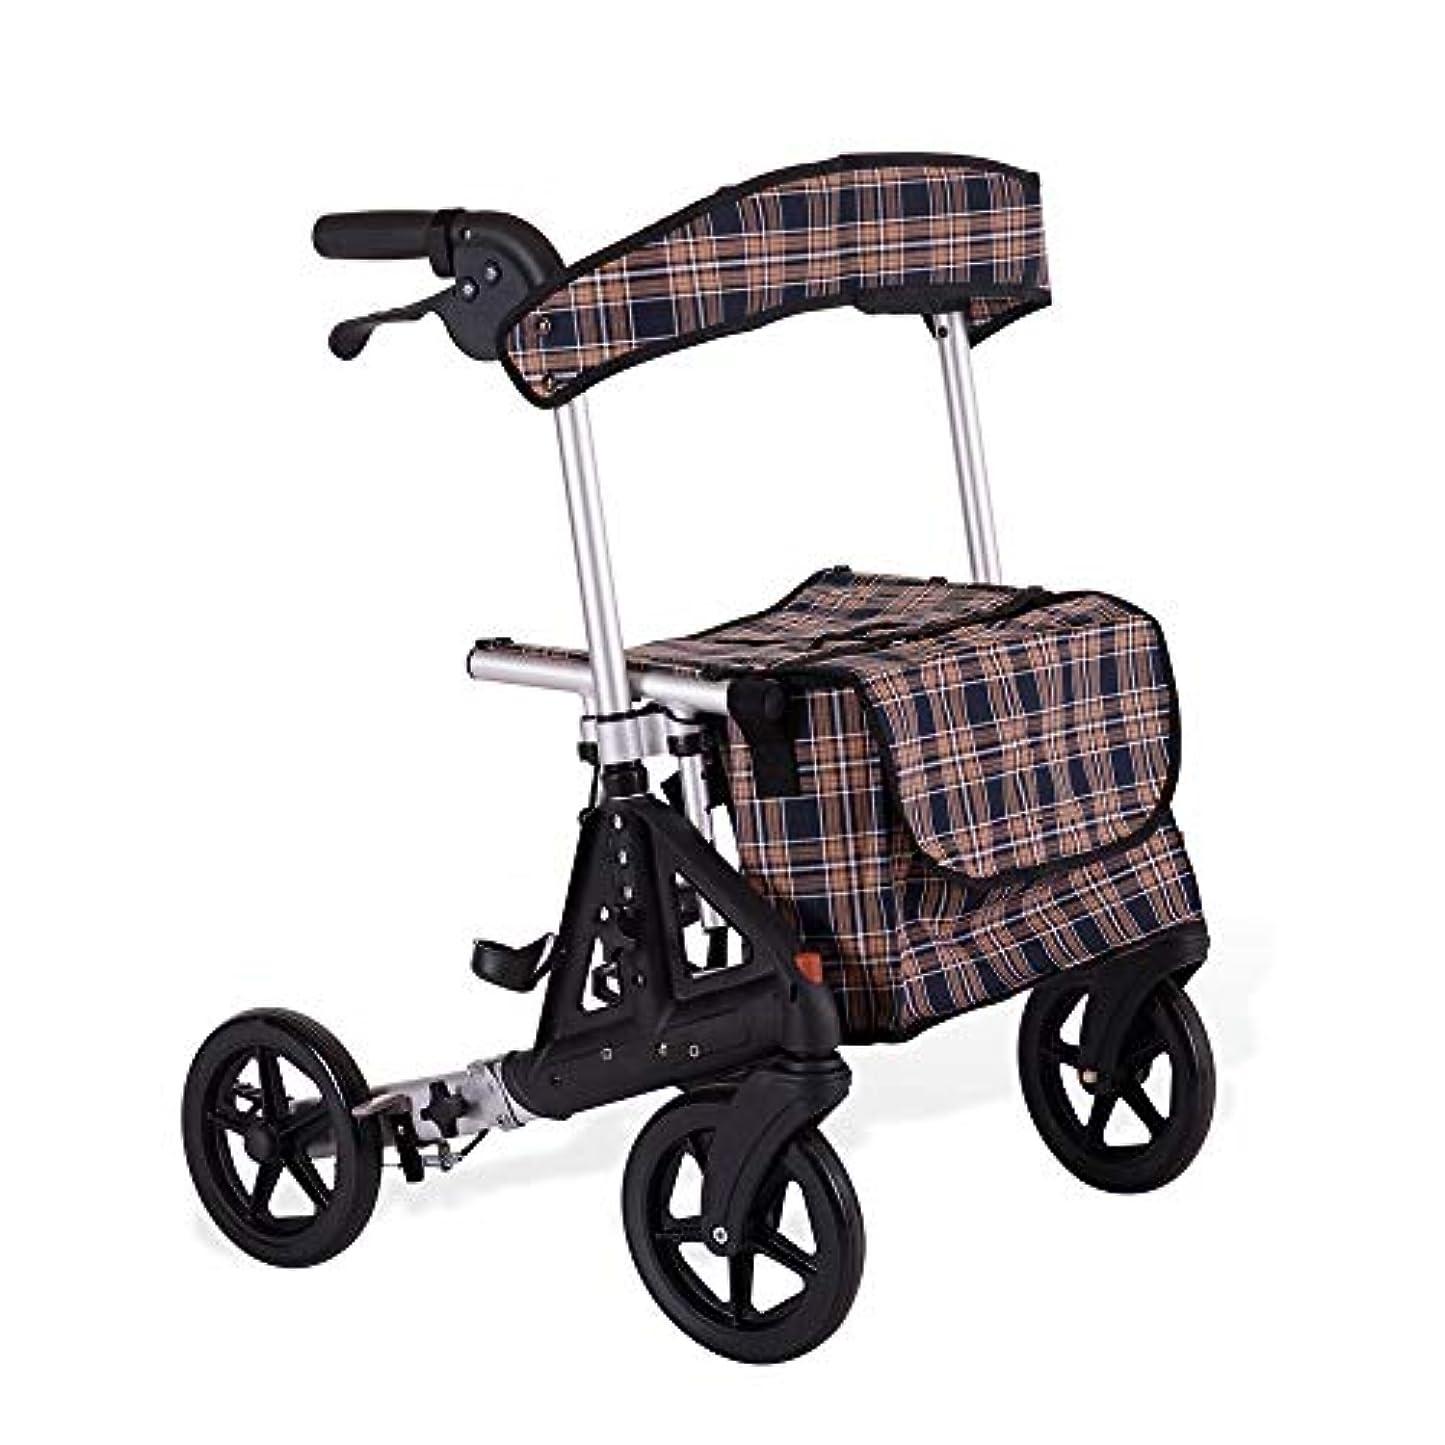 マーベル反応するパイプパッド入りシート、ロック可能なブレーキ、人間工学に基づいたハンドル、キャリーバッグを備えた軽量折りたたみ式四輪歩行器